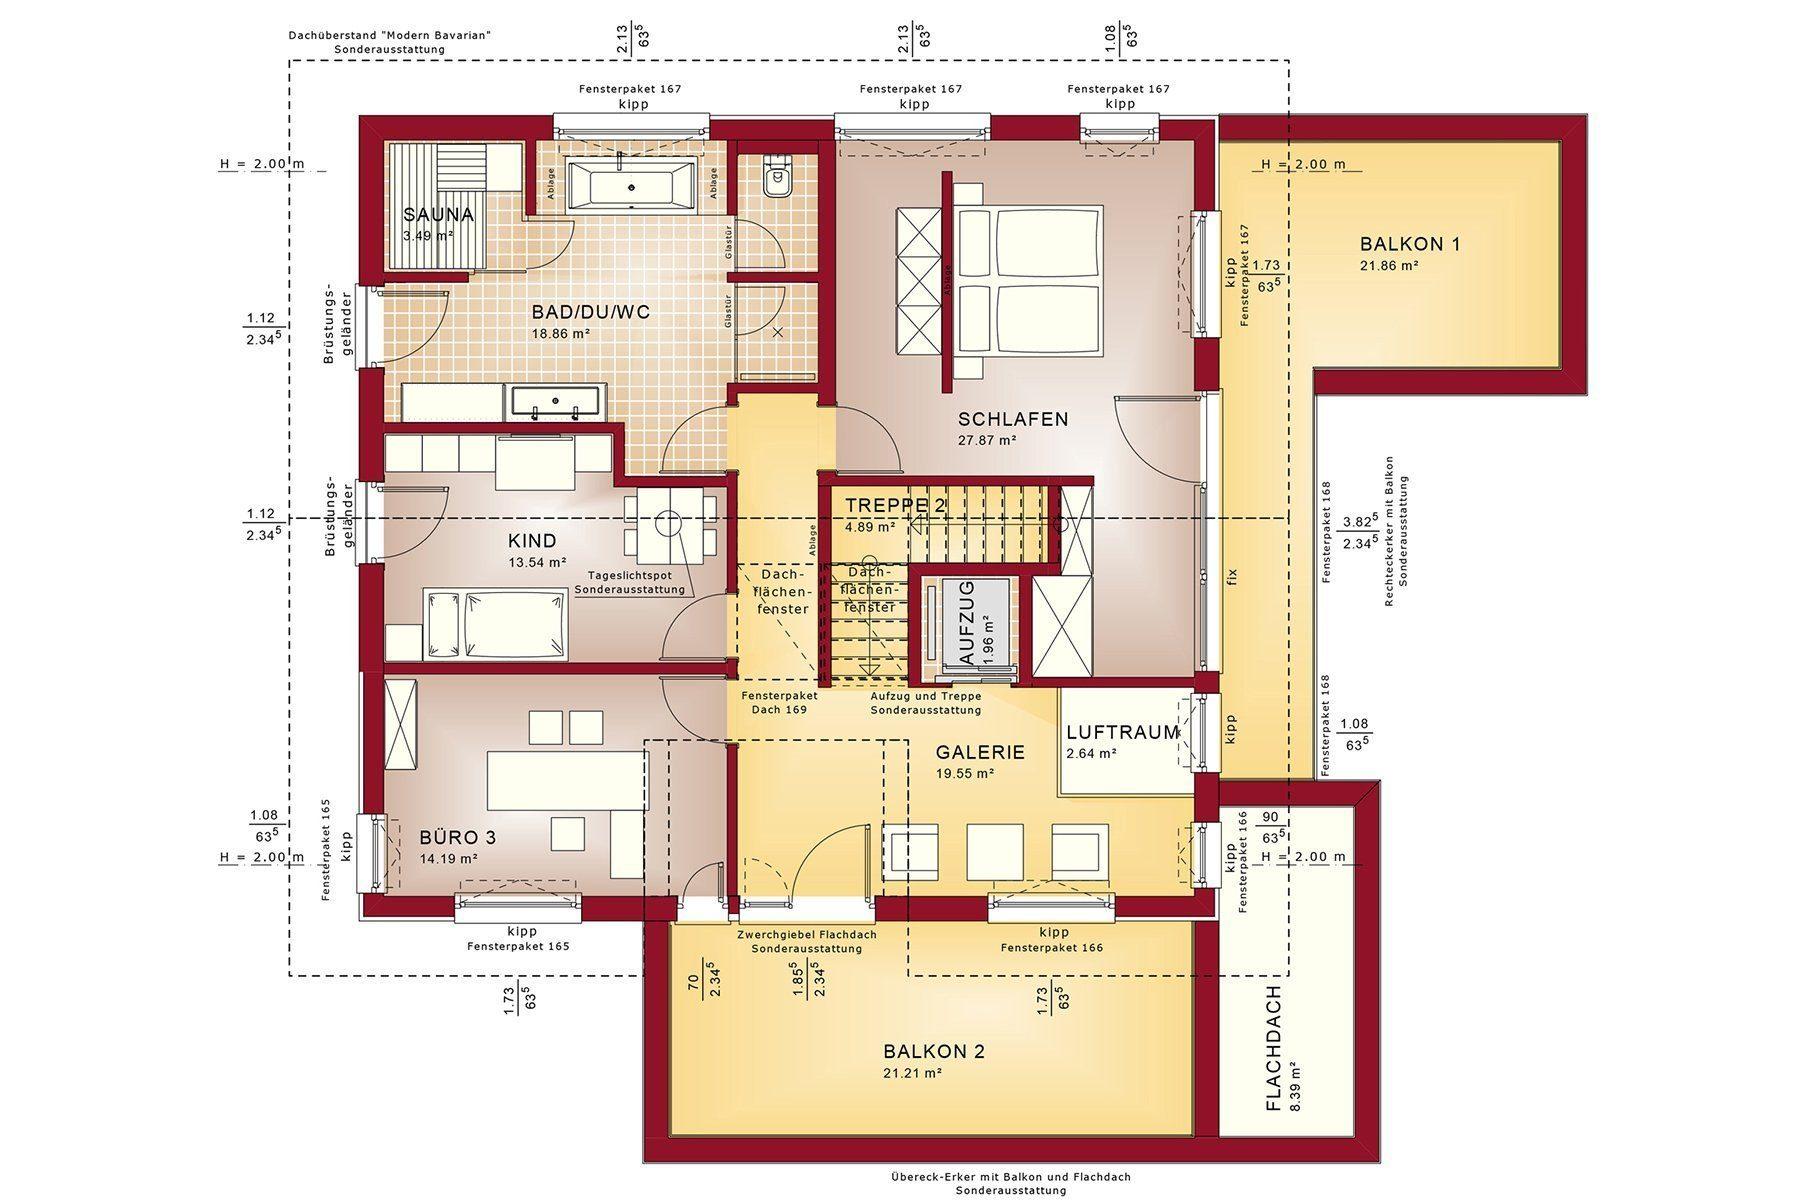 Gebäudeplan - Die Architektur